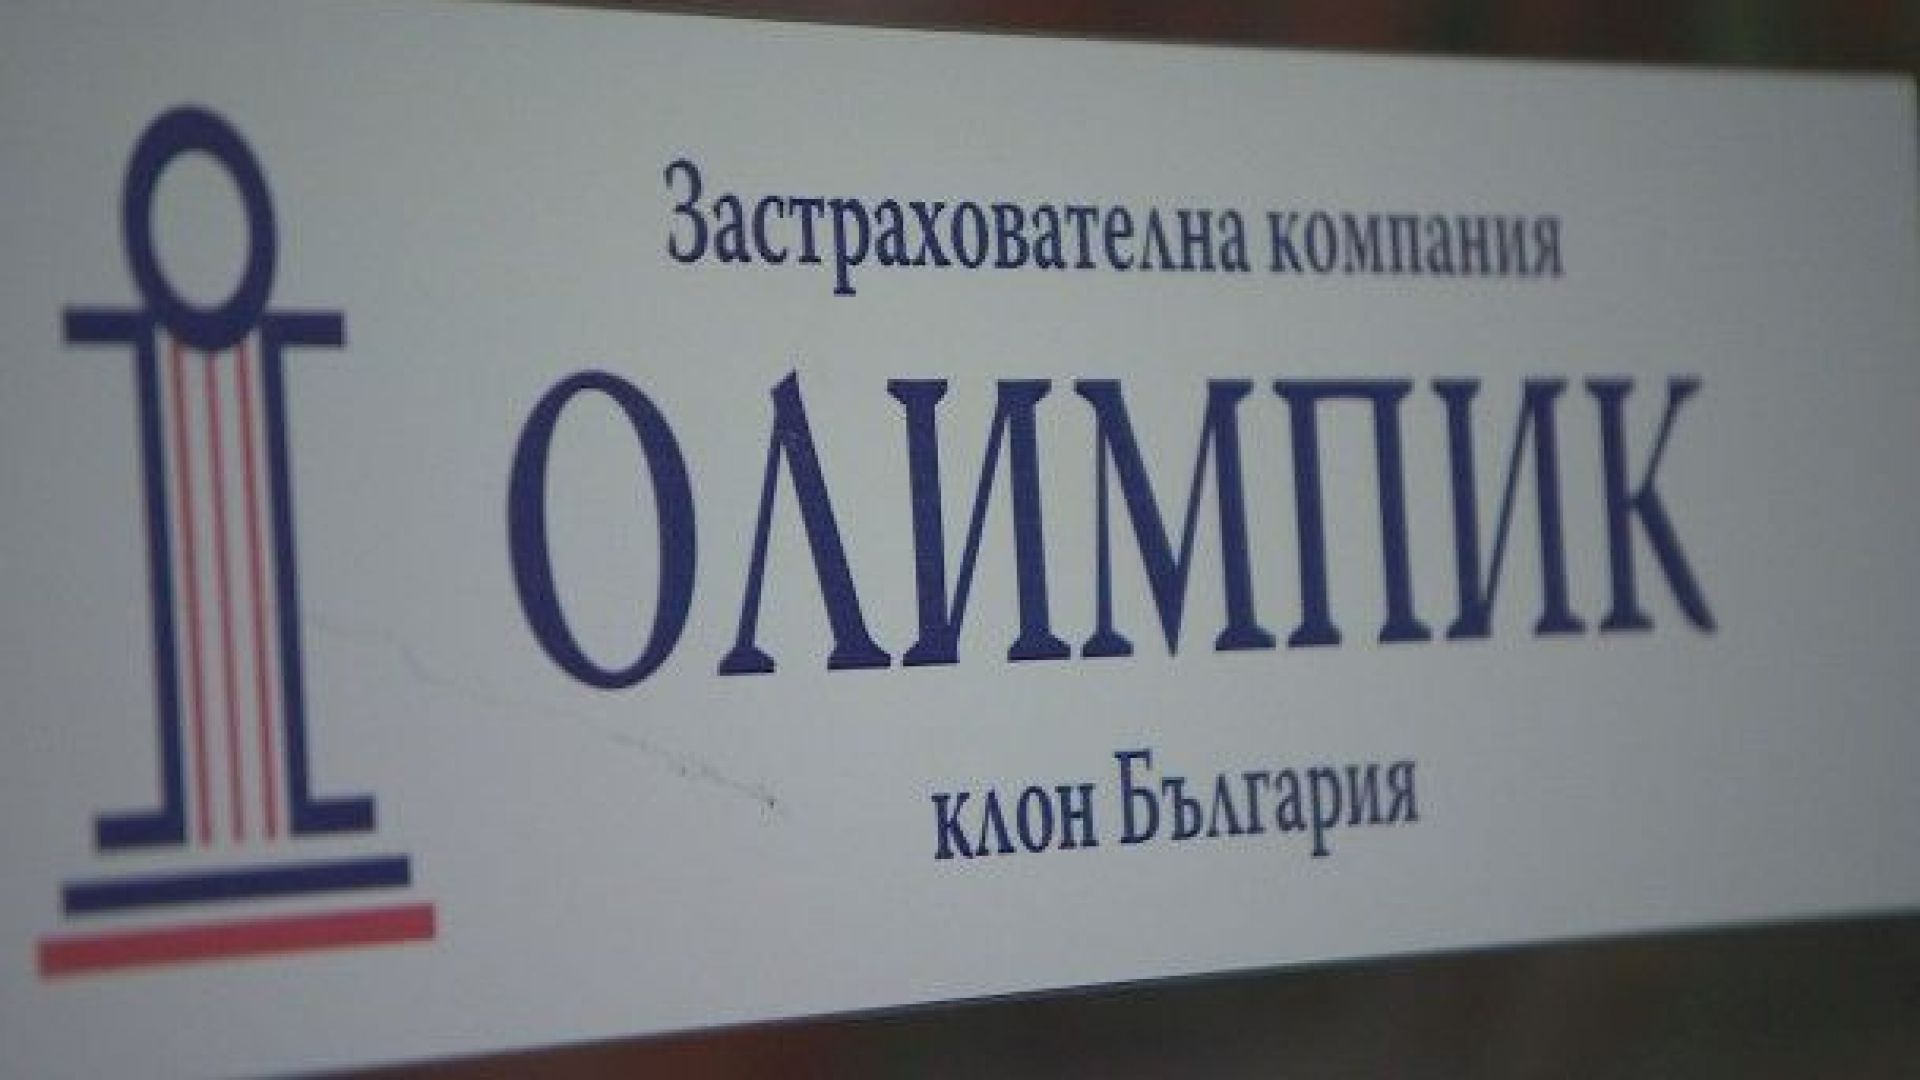 """Обявиха ликвидацията на """"Застрахователна компания Олимпик - клон България"""""""